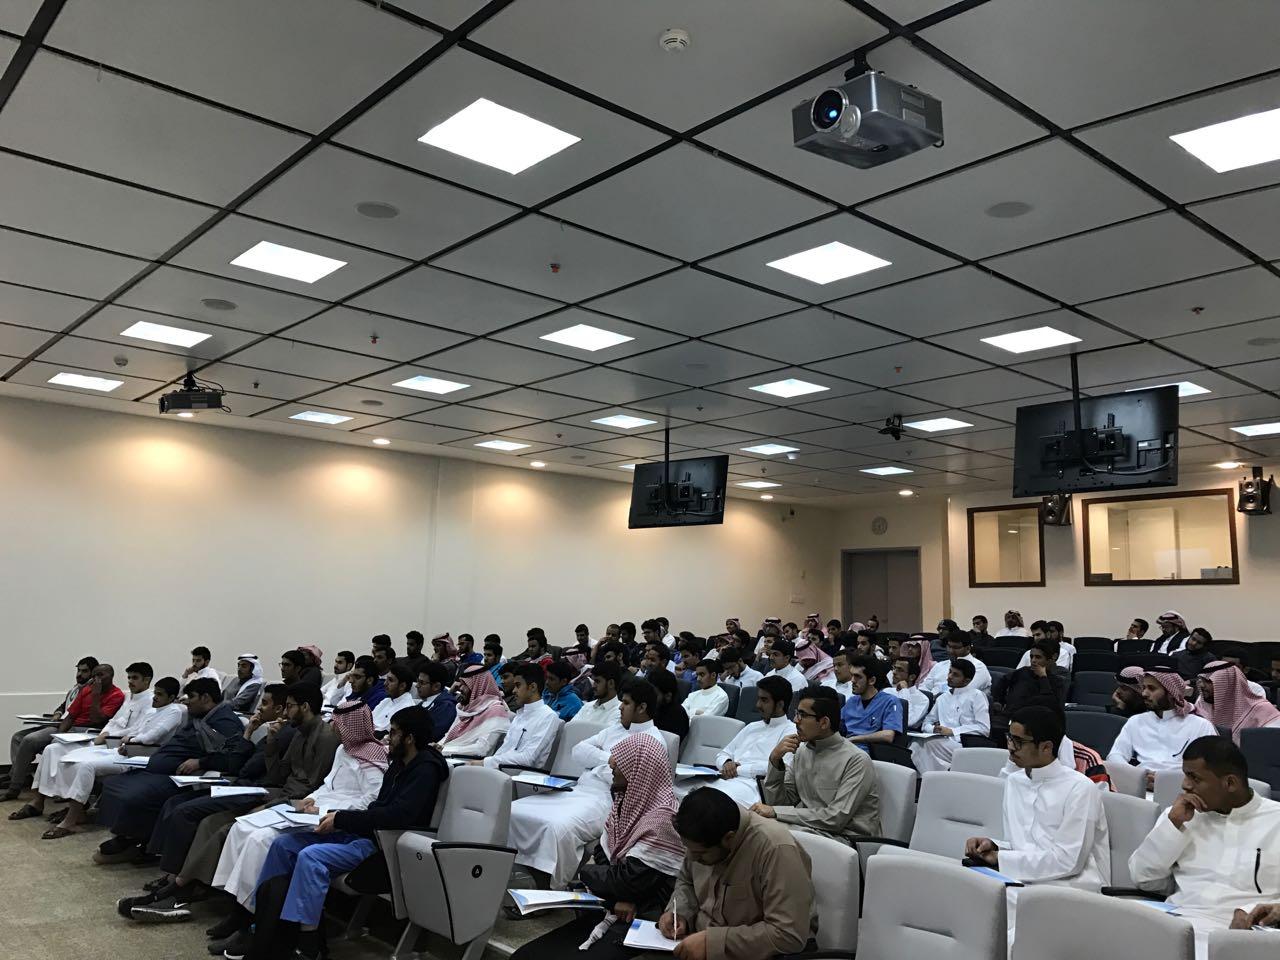 إنطلاق أنشطة مرحلة الإعداد العام للطلبة المتفوقين بالجامعة